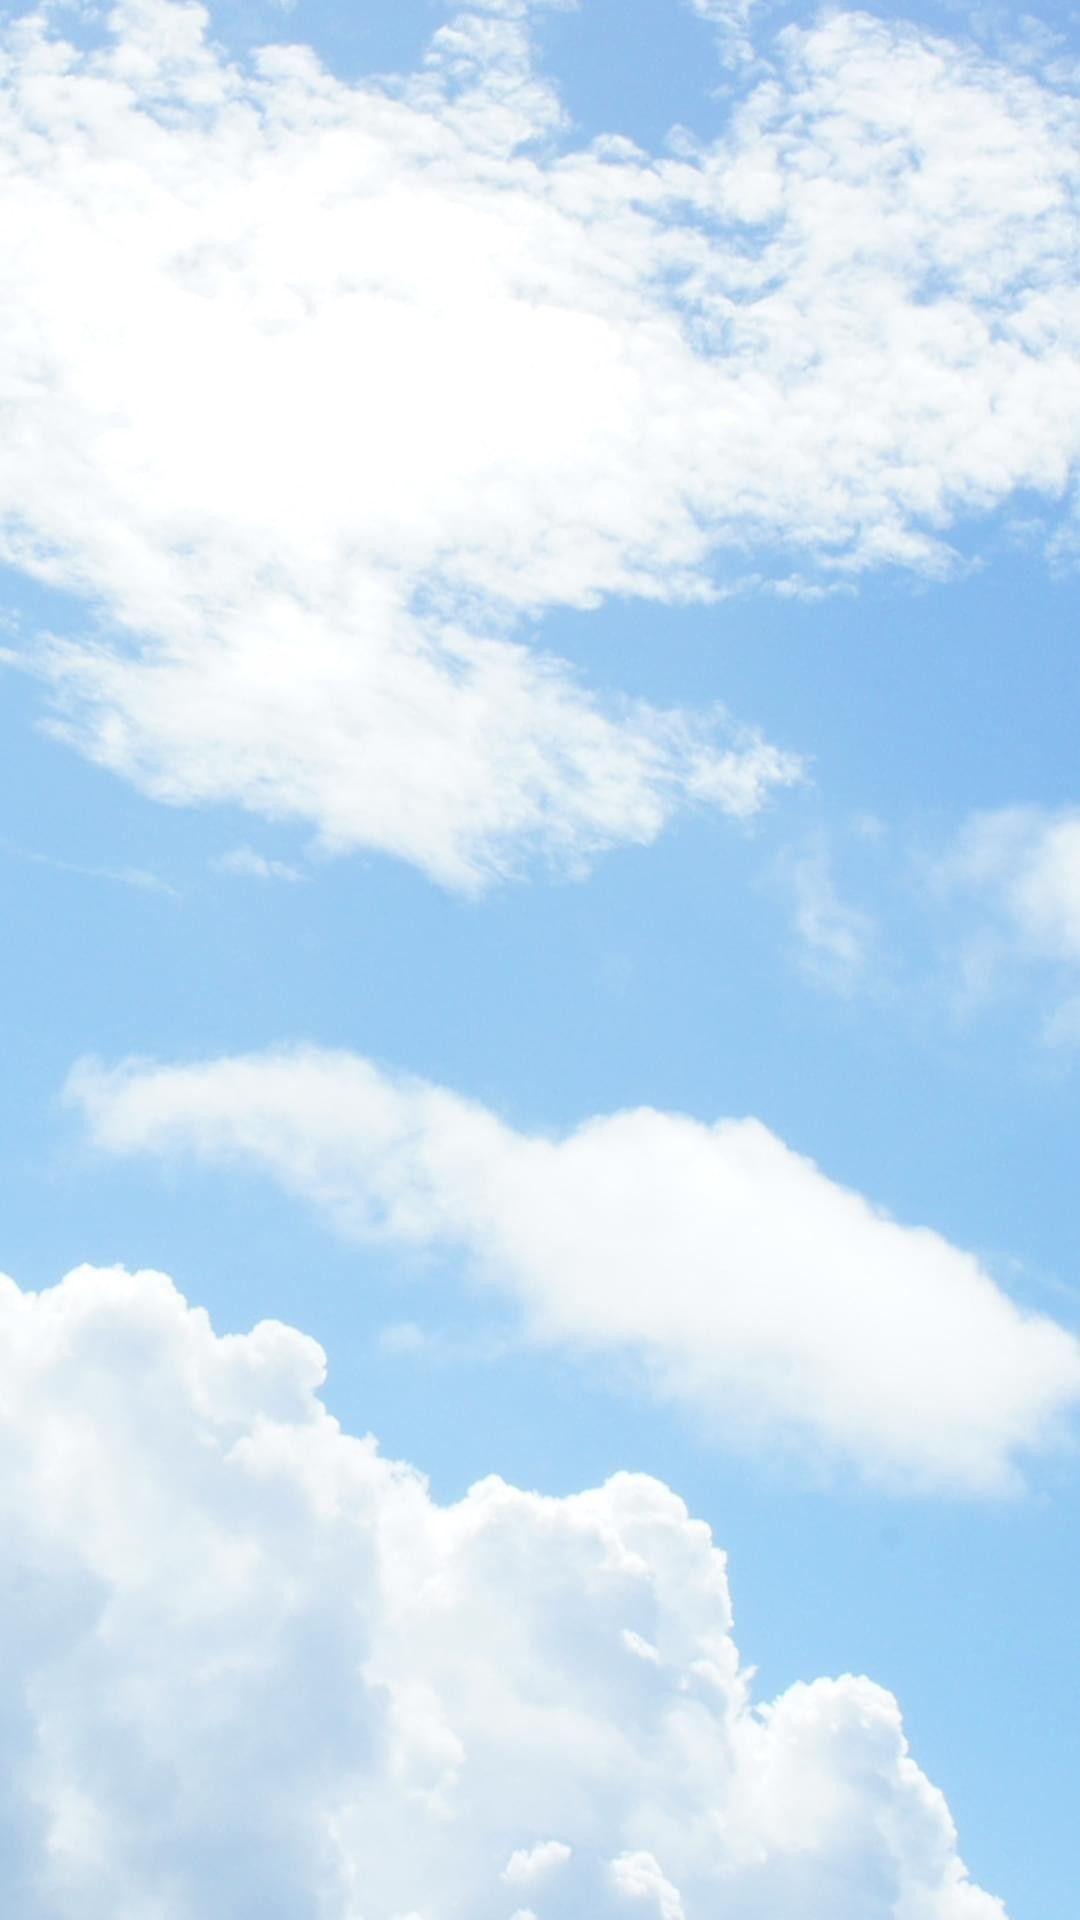 Gabrielaarayaaa Blue Sky Clouds Pastel Sky Scenery Wallpaper